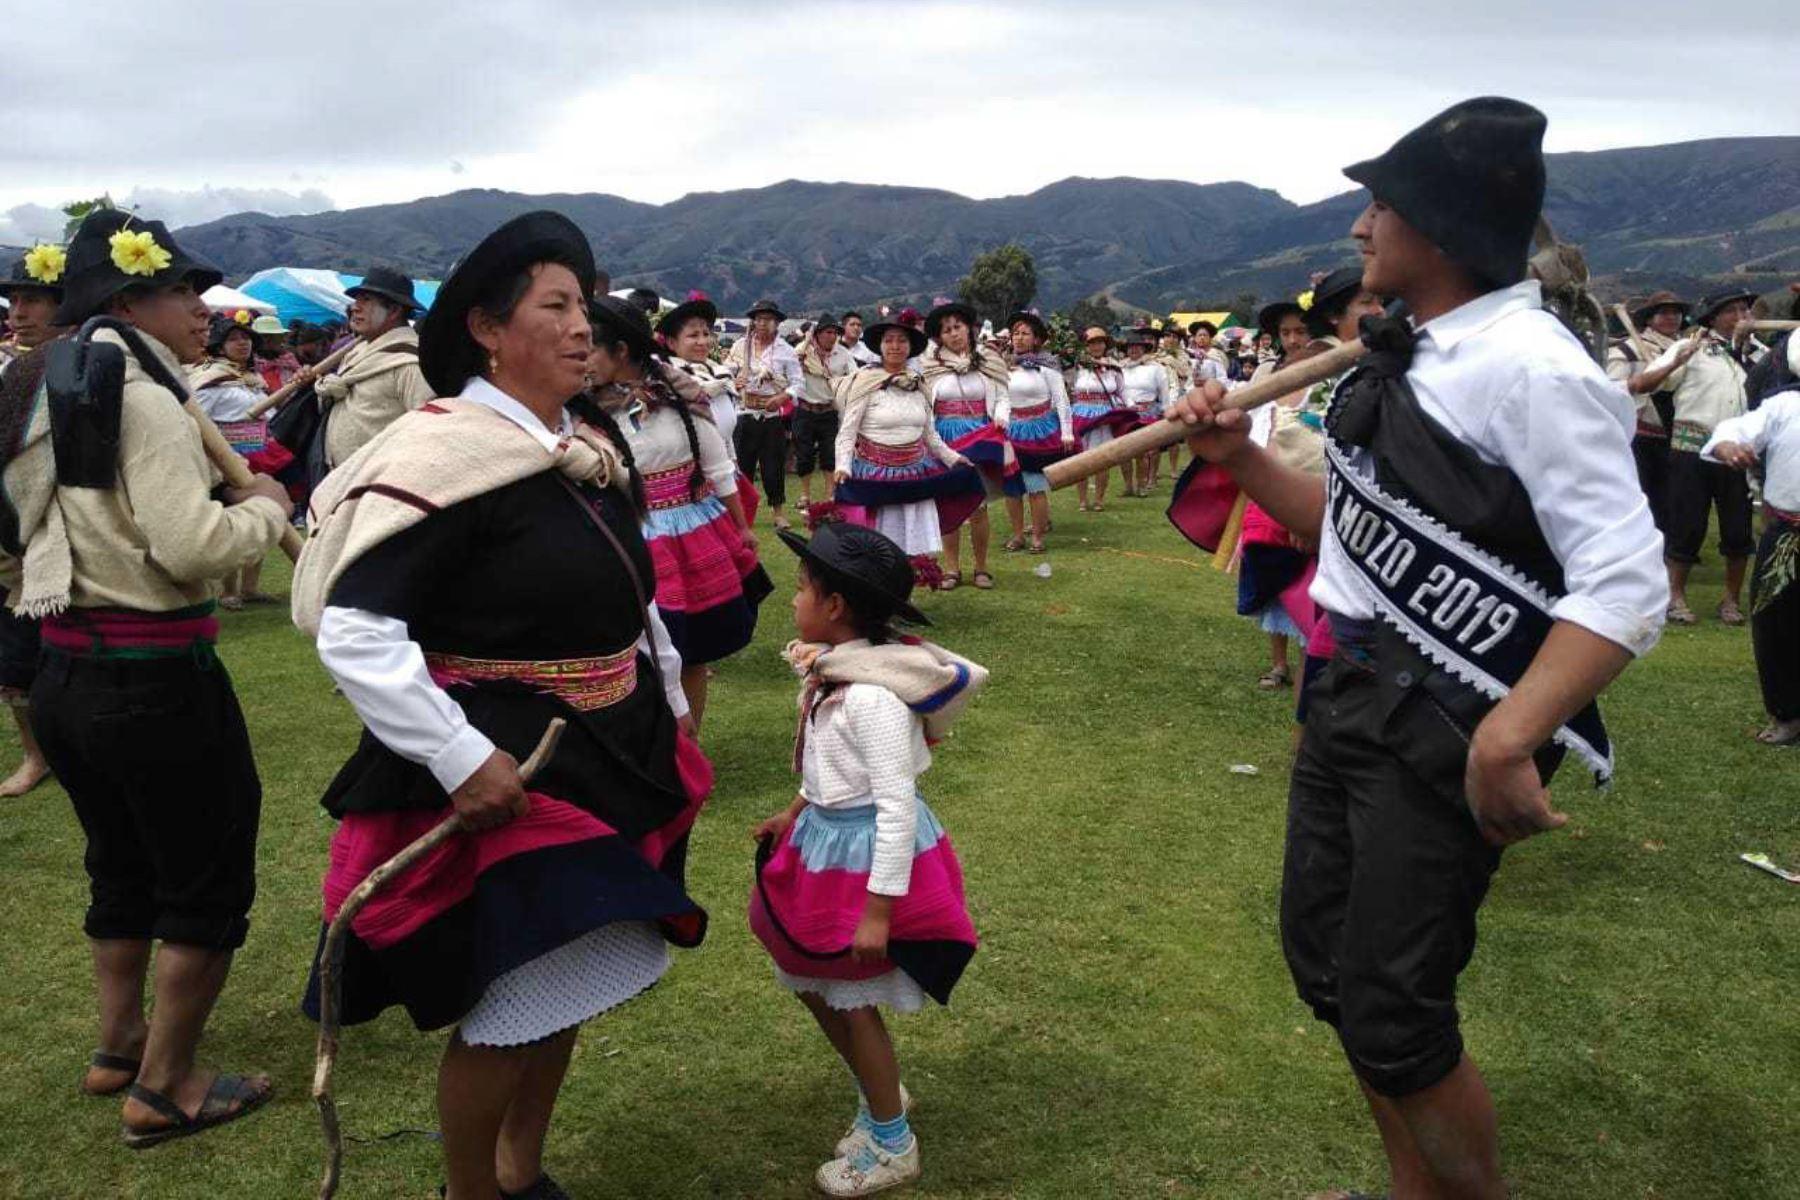 """A fin de rescatar una de las tradiciones más ancestrales de la provincia de Huancayo, pobladores del distrito de Sapallanga, mediante el trabajo comunitario, revivieron la ancestral celebración del """"Akshu Tatay"""", que es el origen del Huaylarsh y los carnavales en esta región central del Perú."""